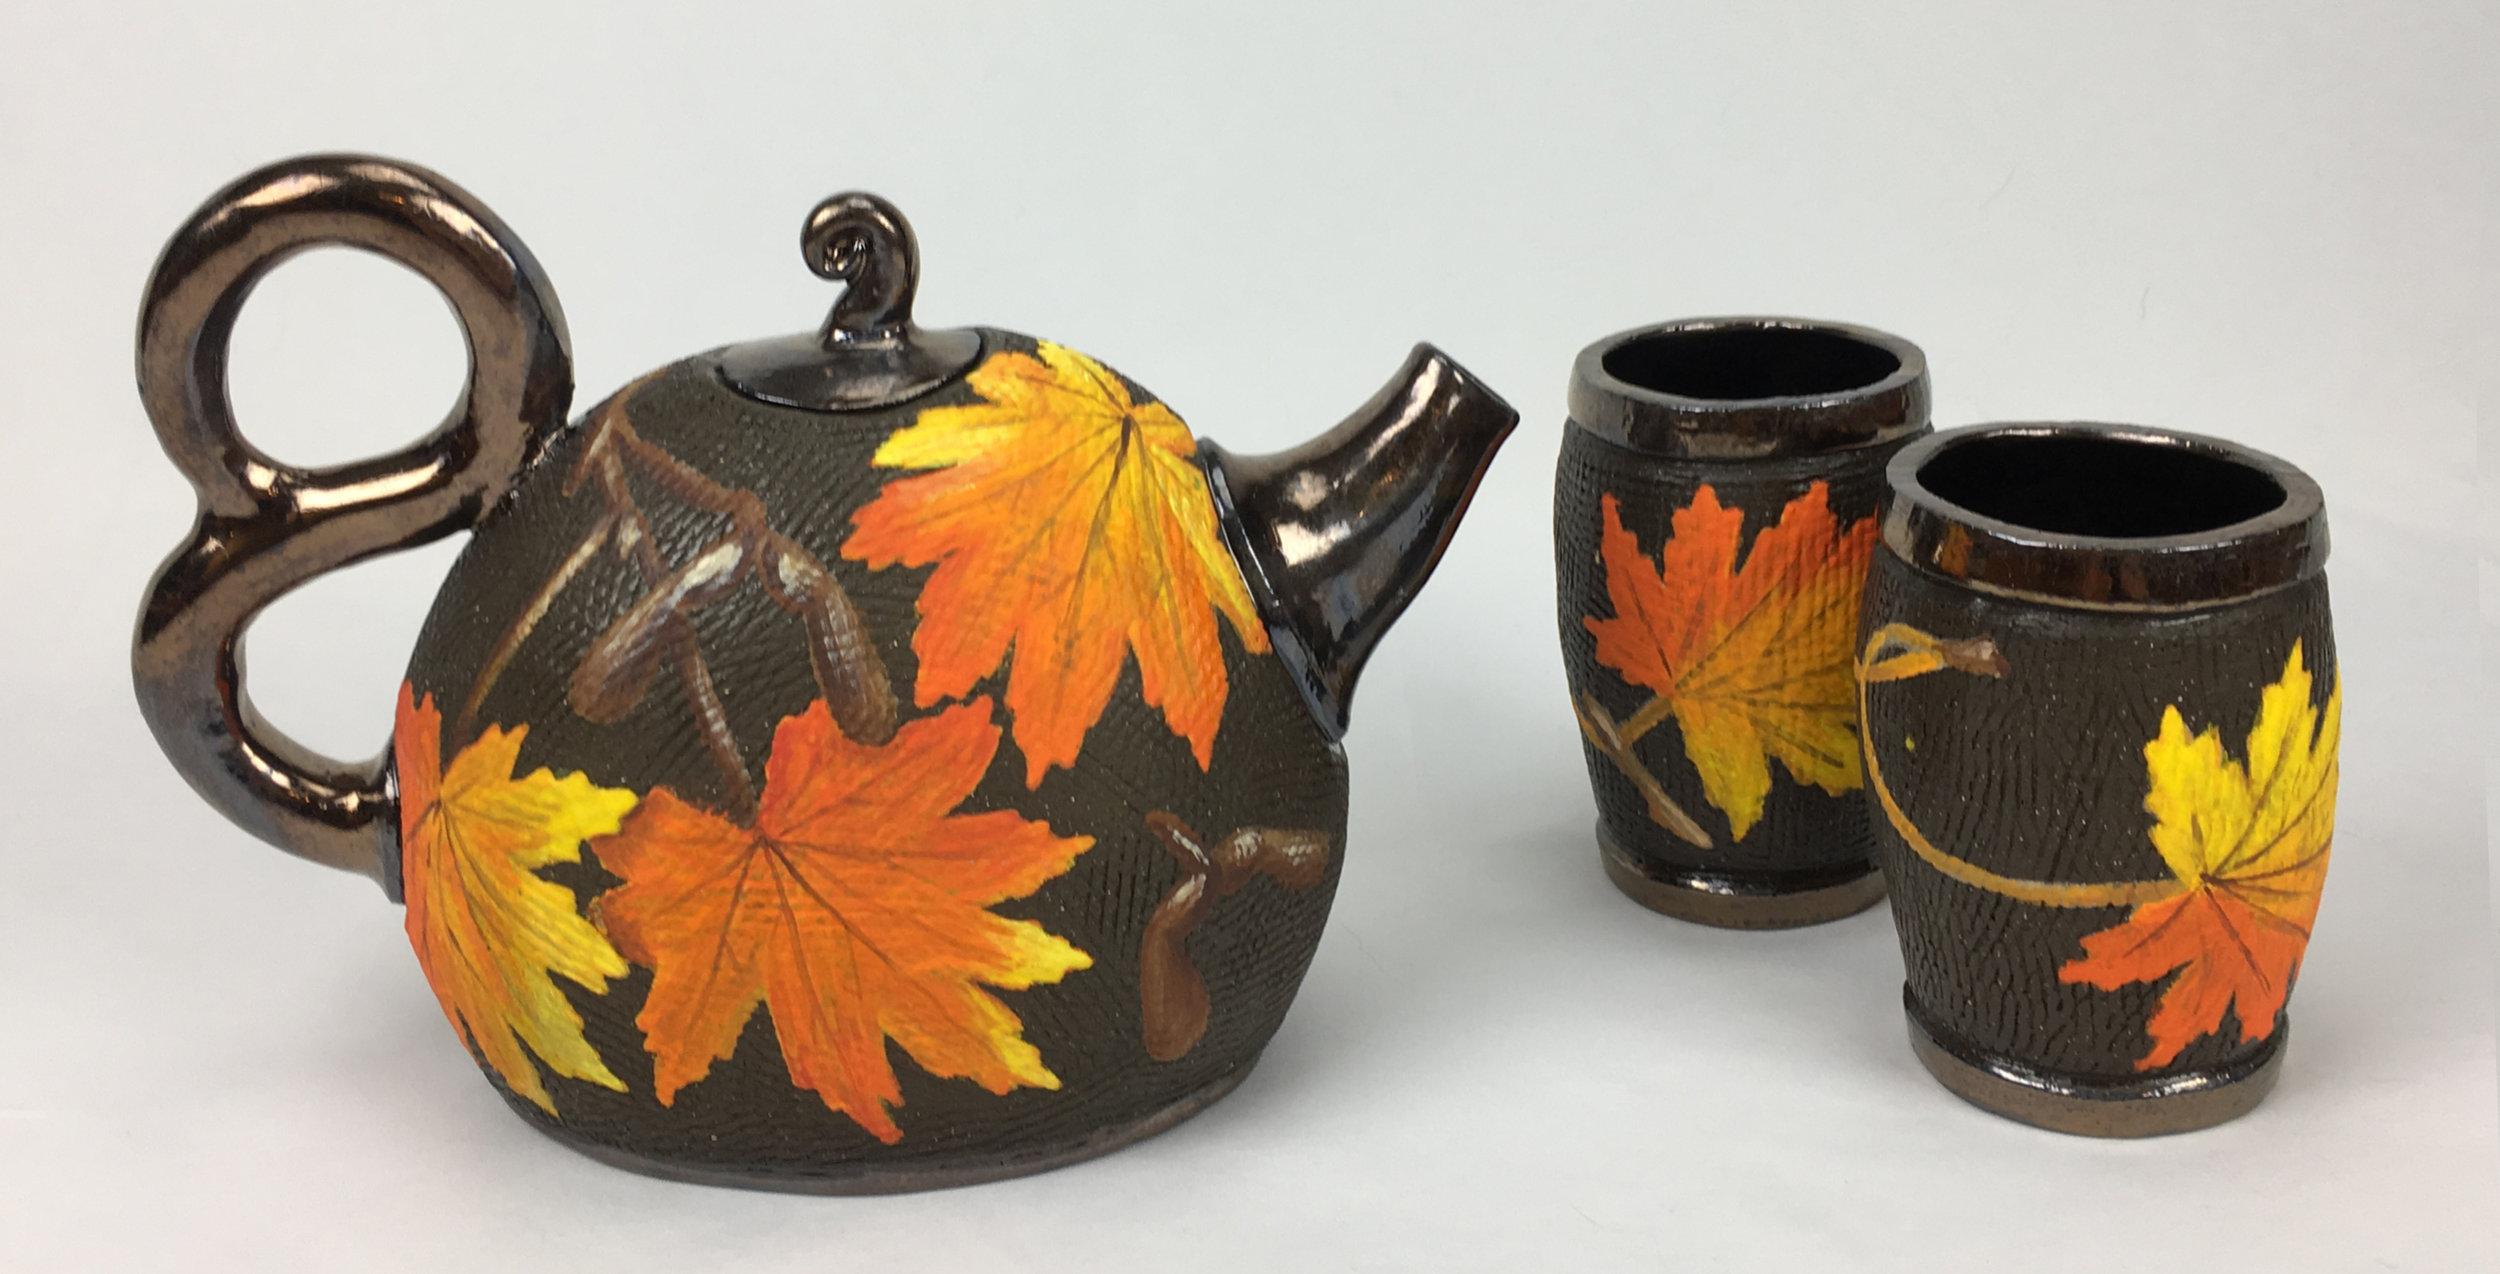 Tea set with Maple Leaves